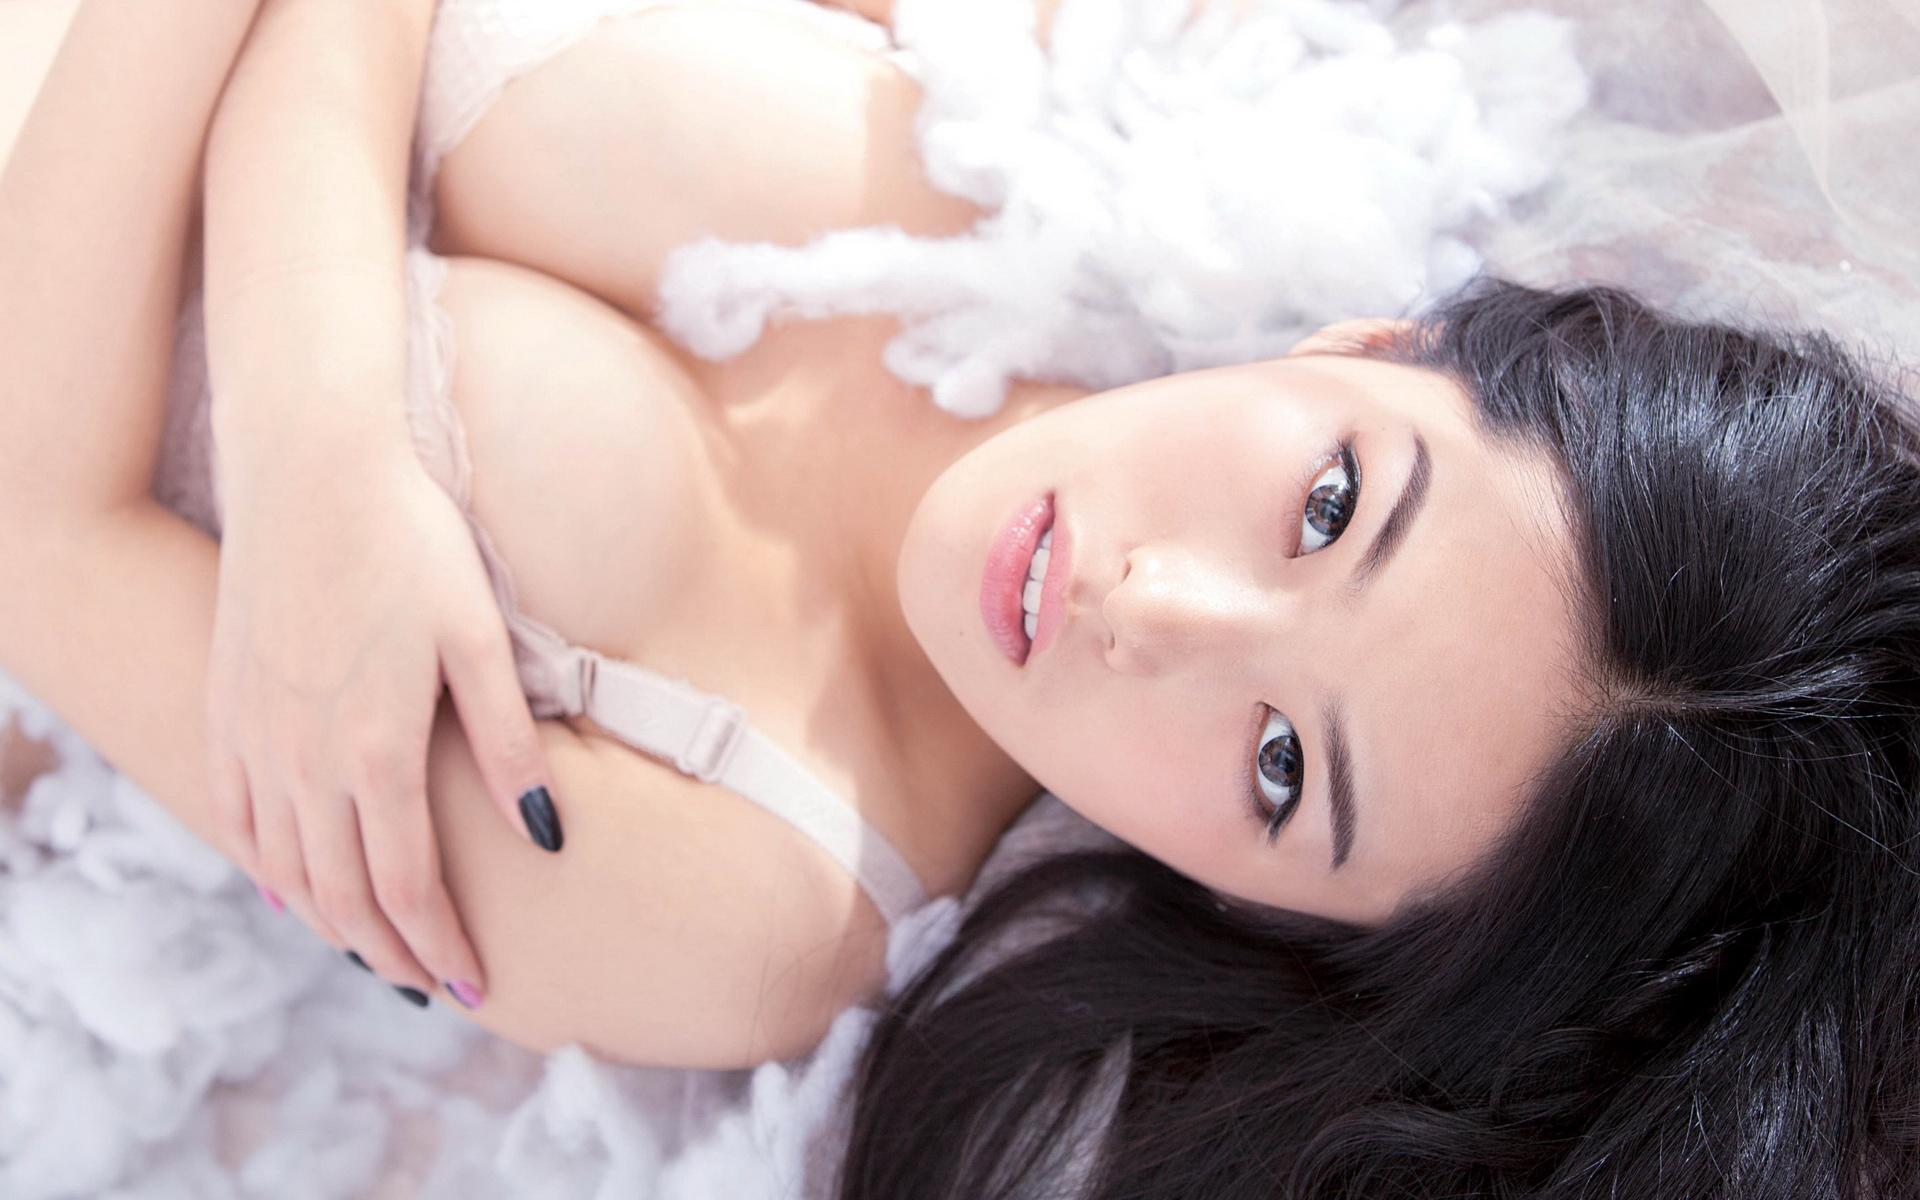 唯美性感美女内衣私房写真高清壁纸下载